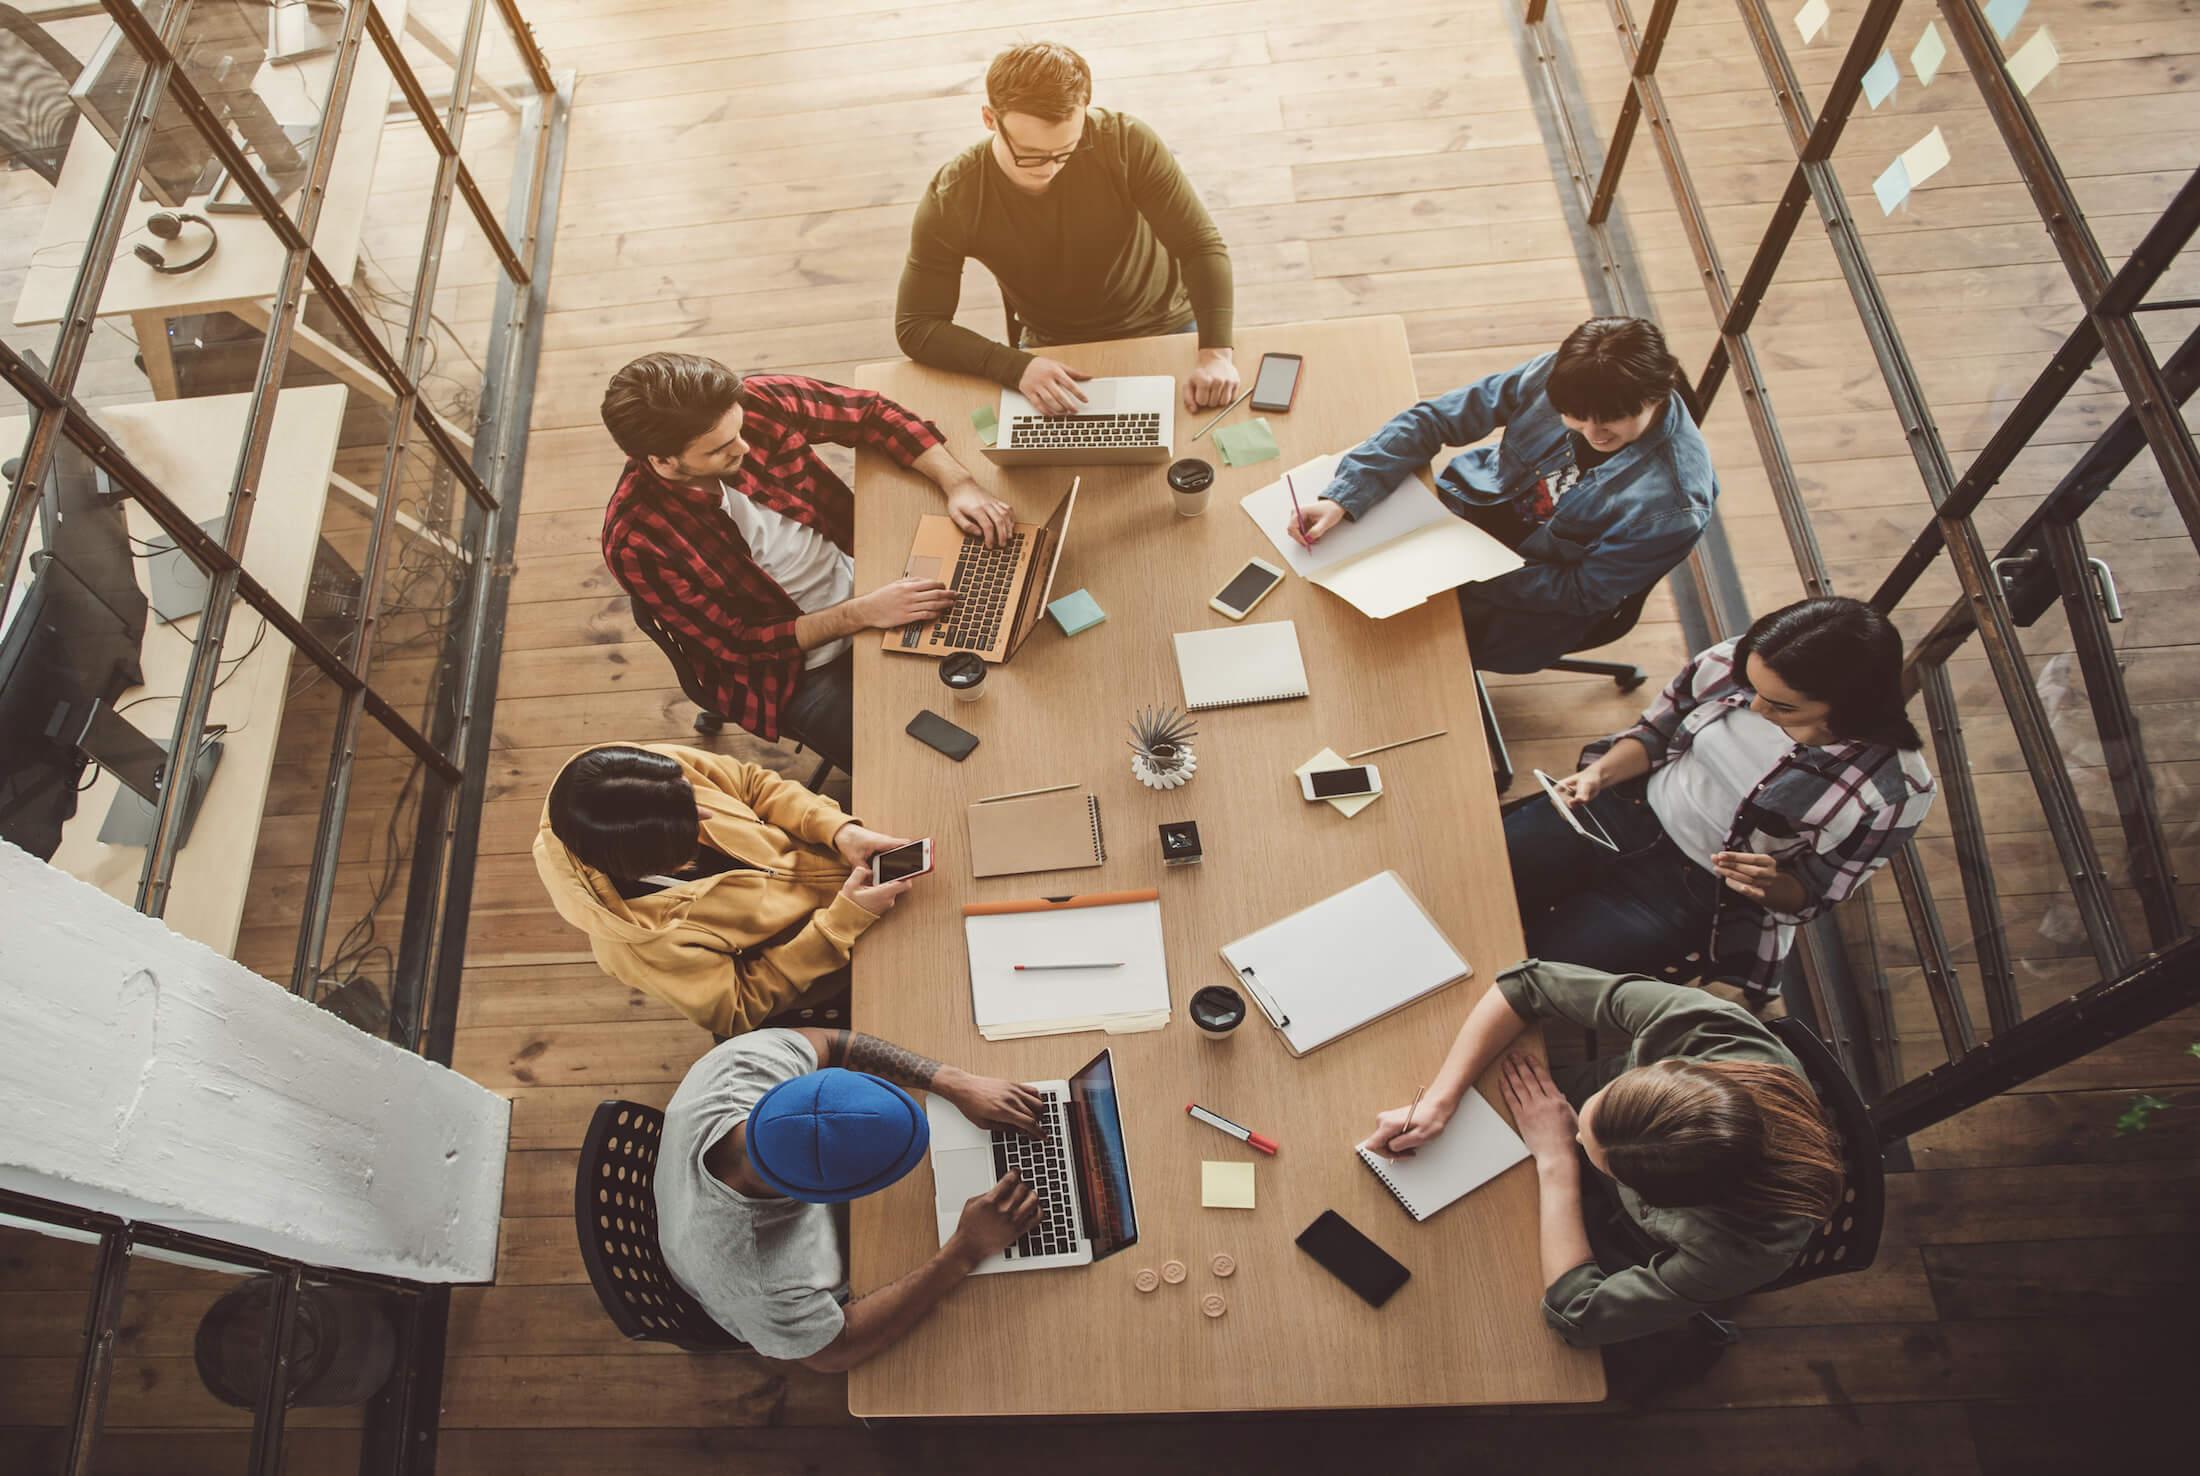 نقش مدیر محصول در هر مرحله از چرخه حیات محصول